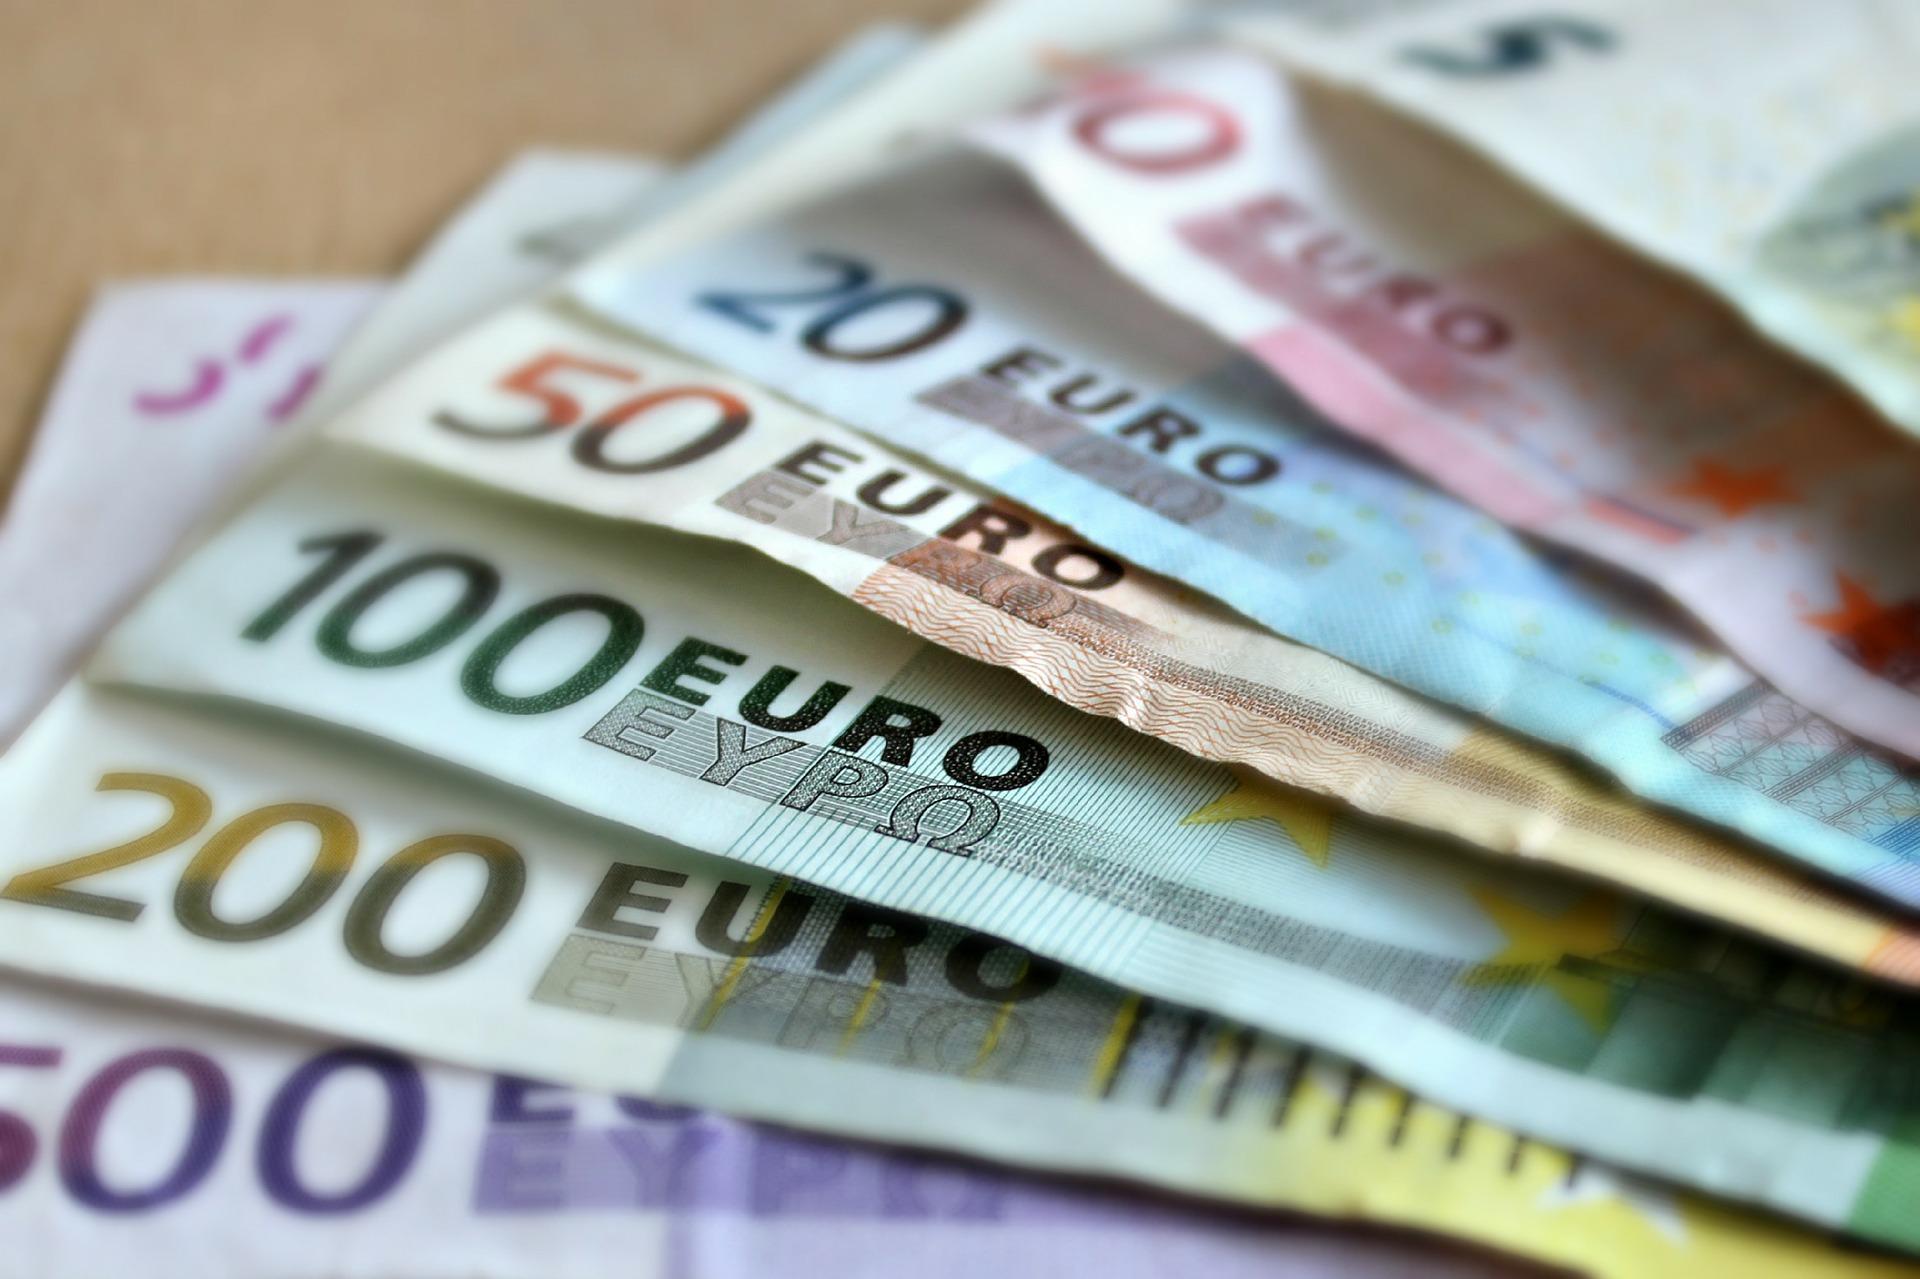 Parrainage Boursorama : une banque qui vous permet d'économiser